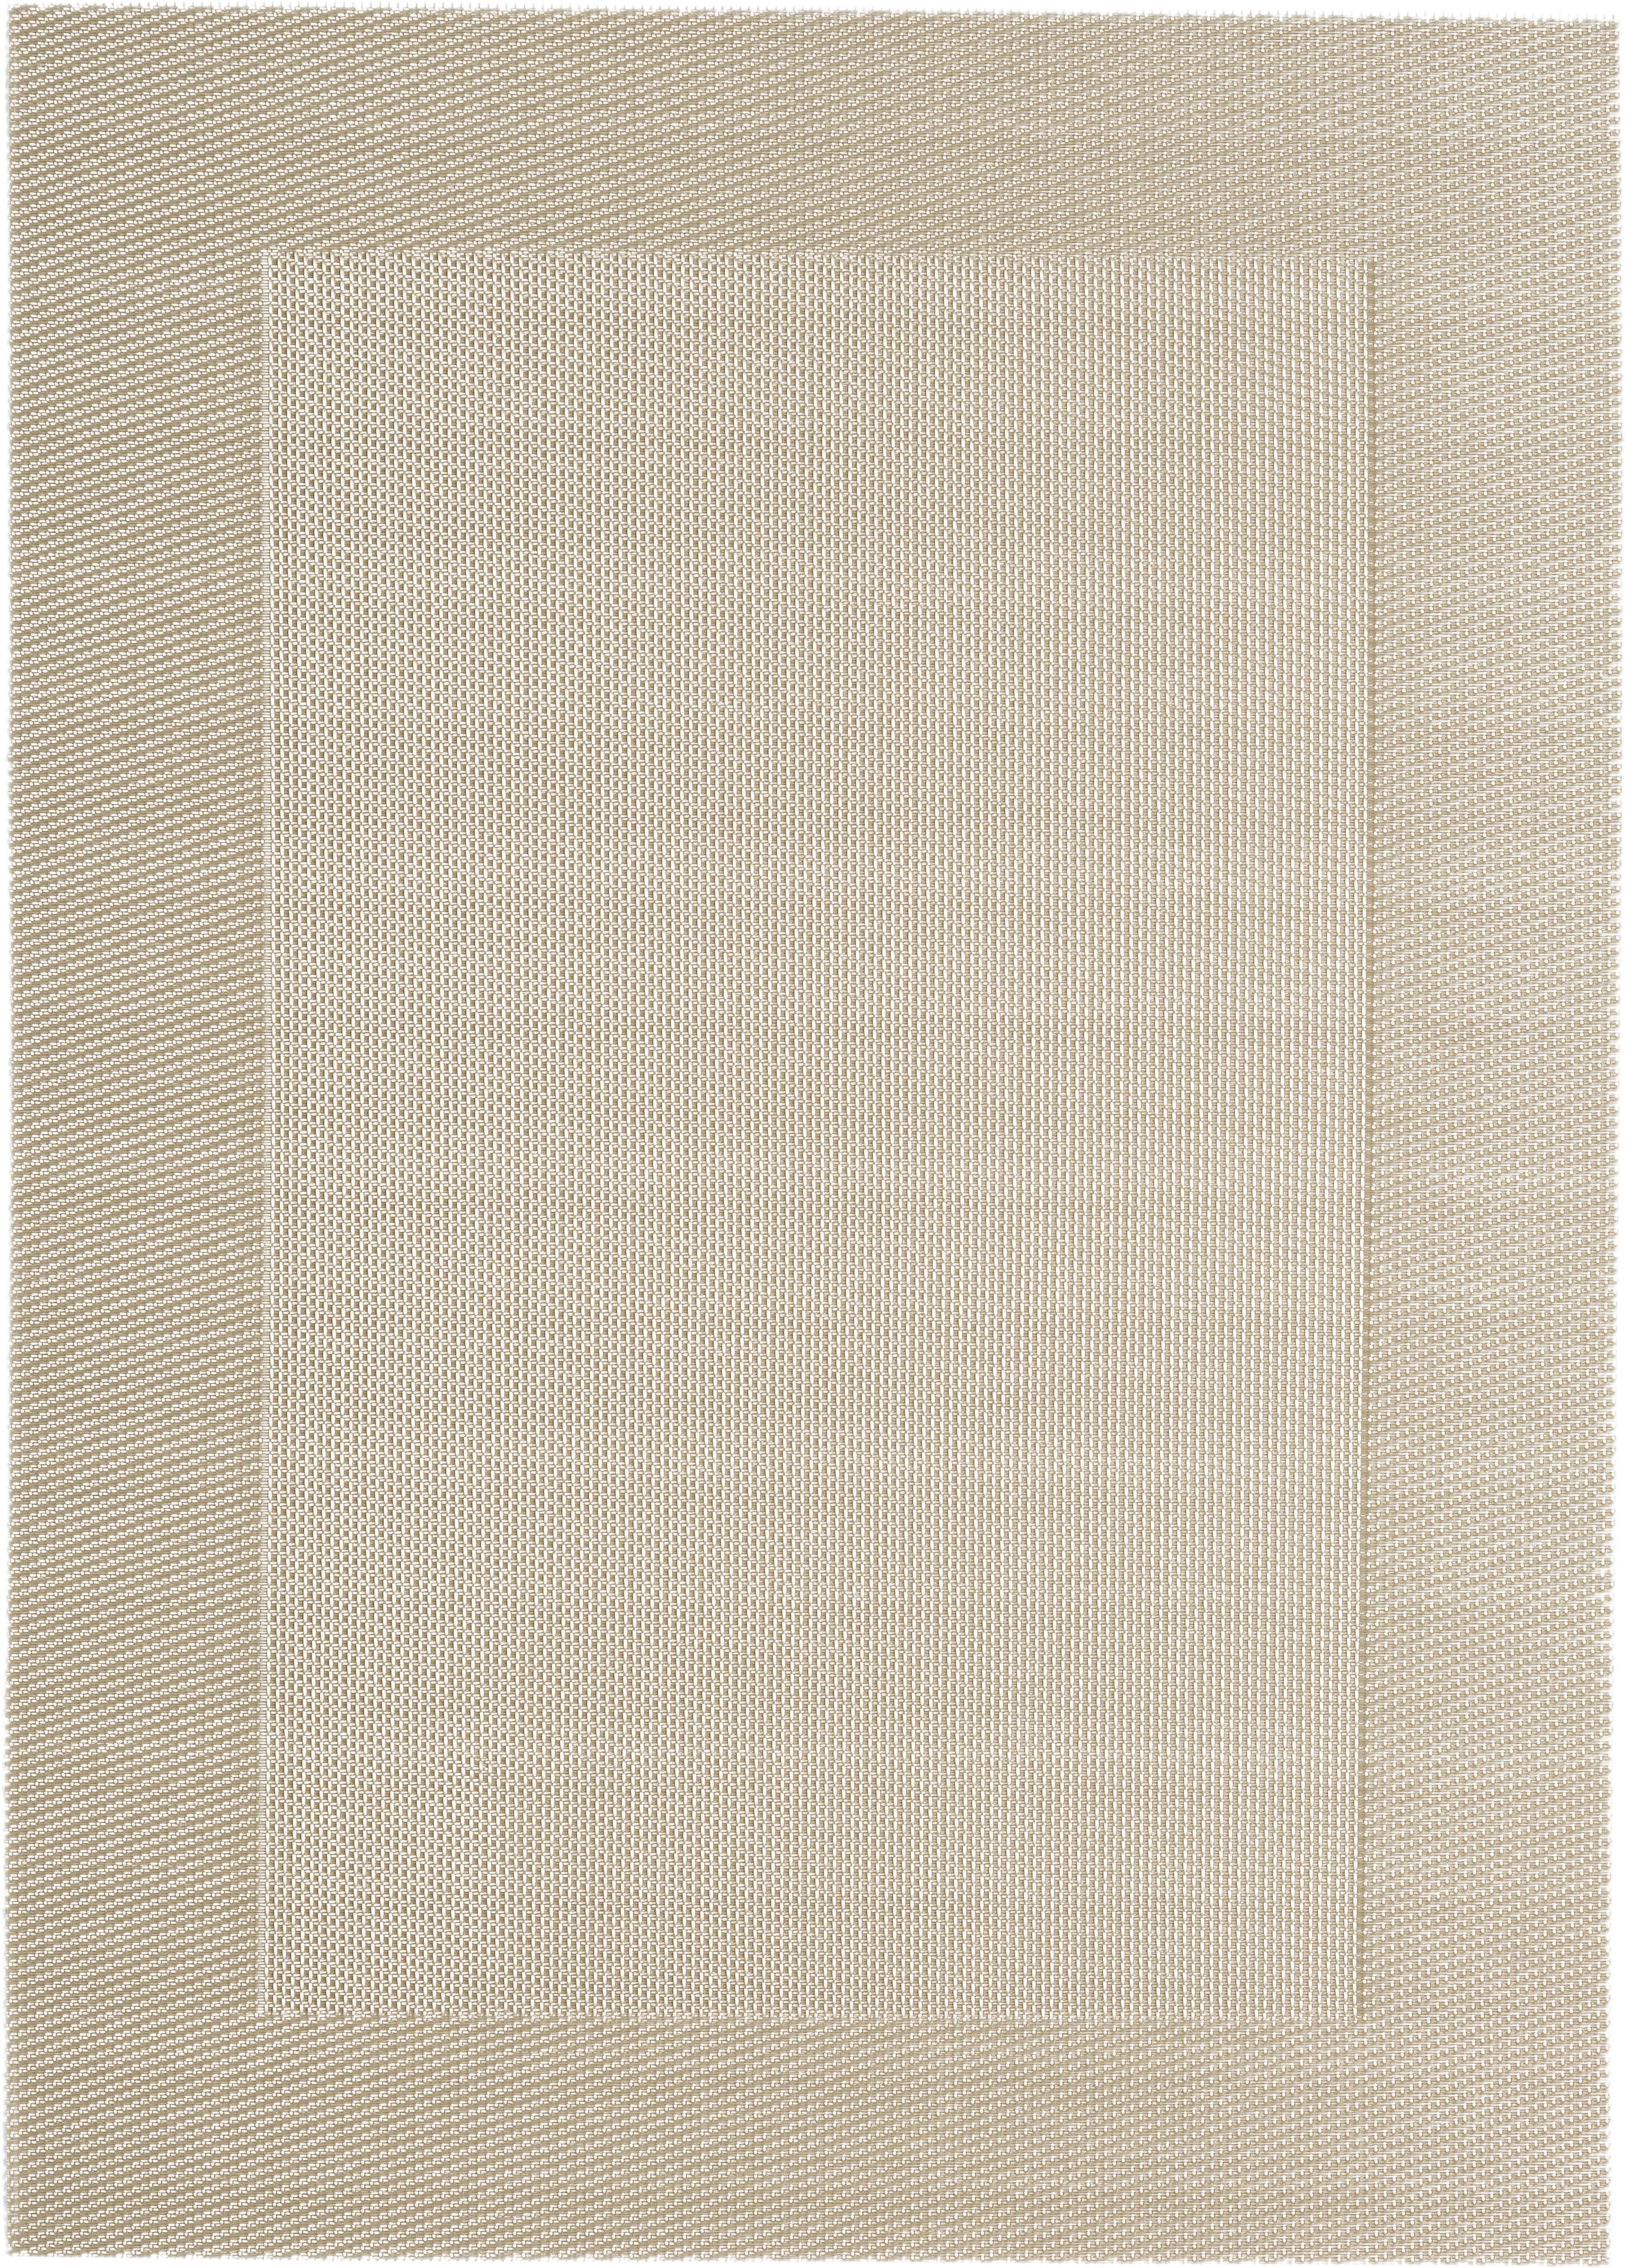 Manteles individuales de plástico Modern, 2uds., Plástico, Beige, crema, An 33 x L 46 cm